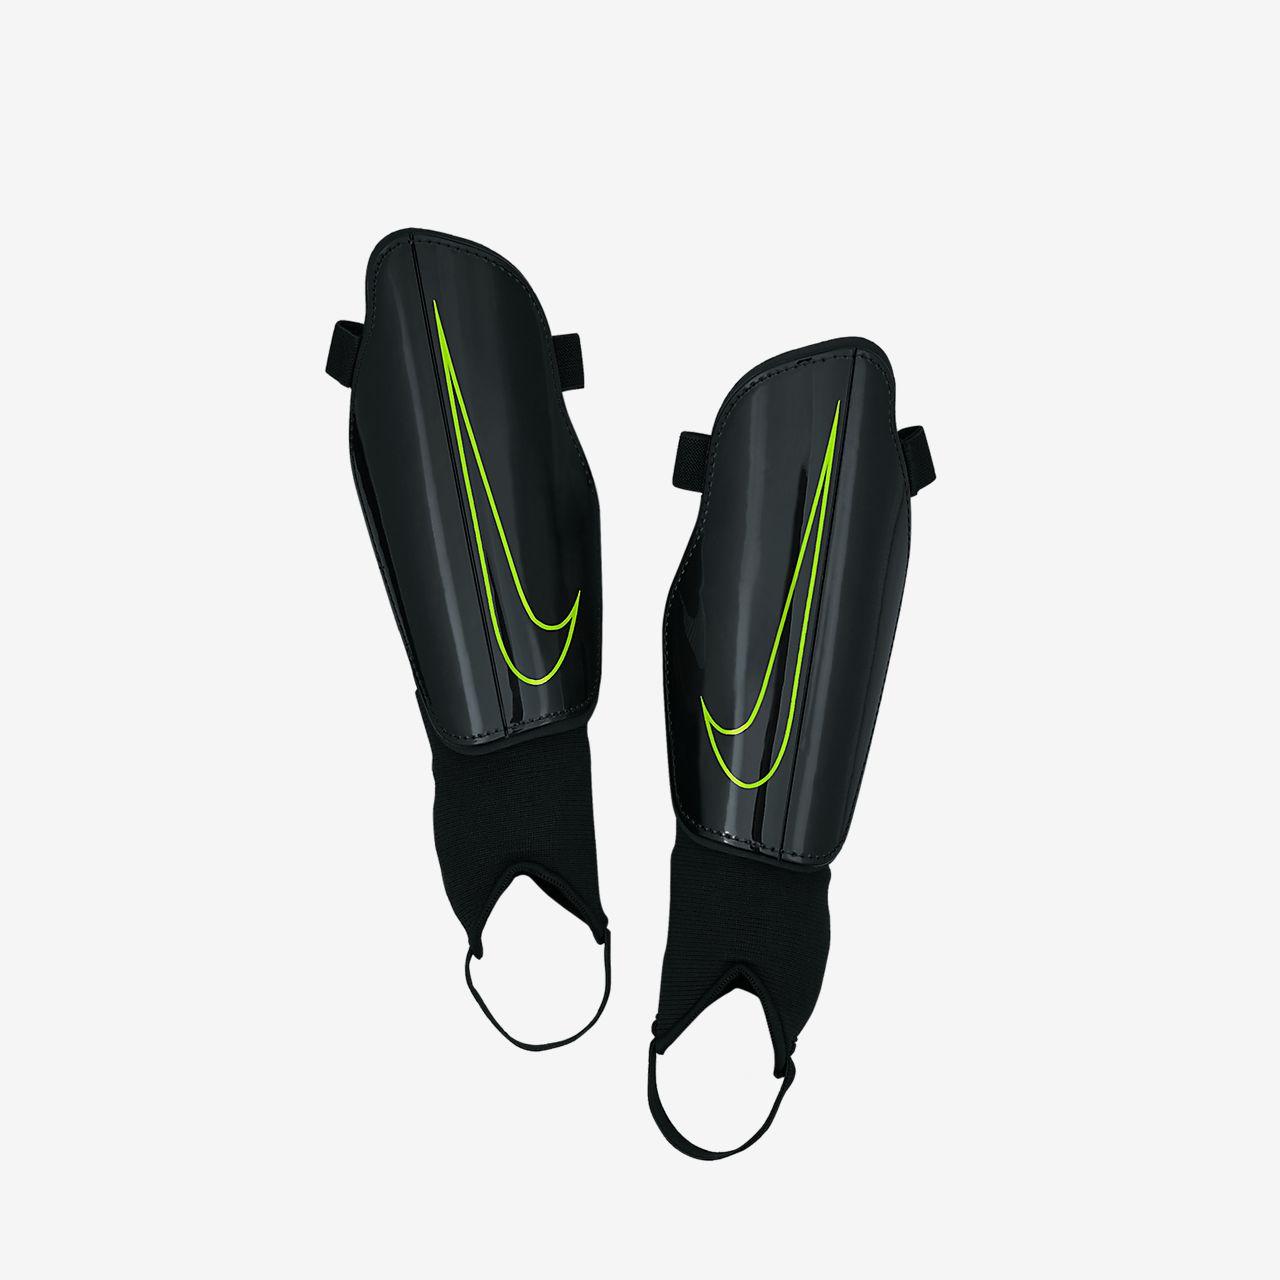 Nike Charge 2.0 Fußball-Schienbeinschoner